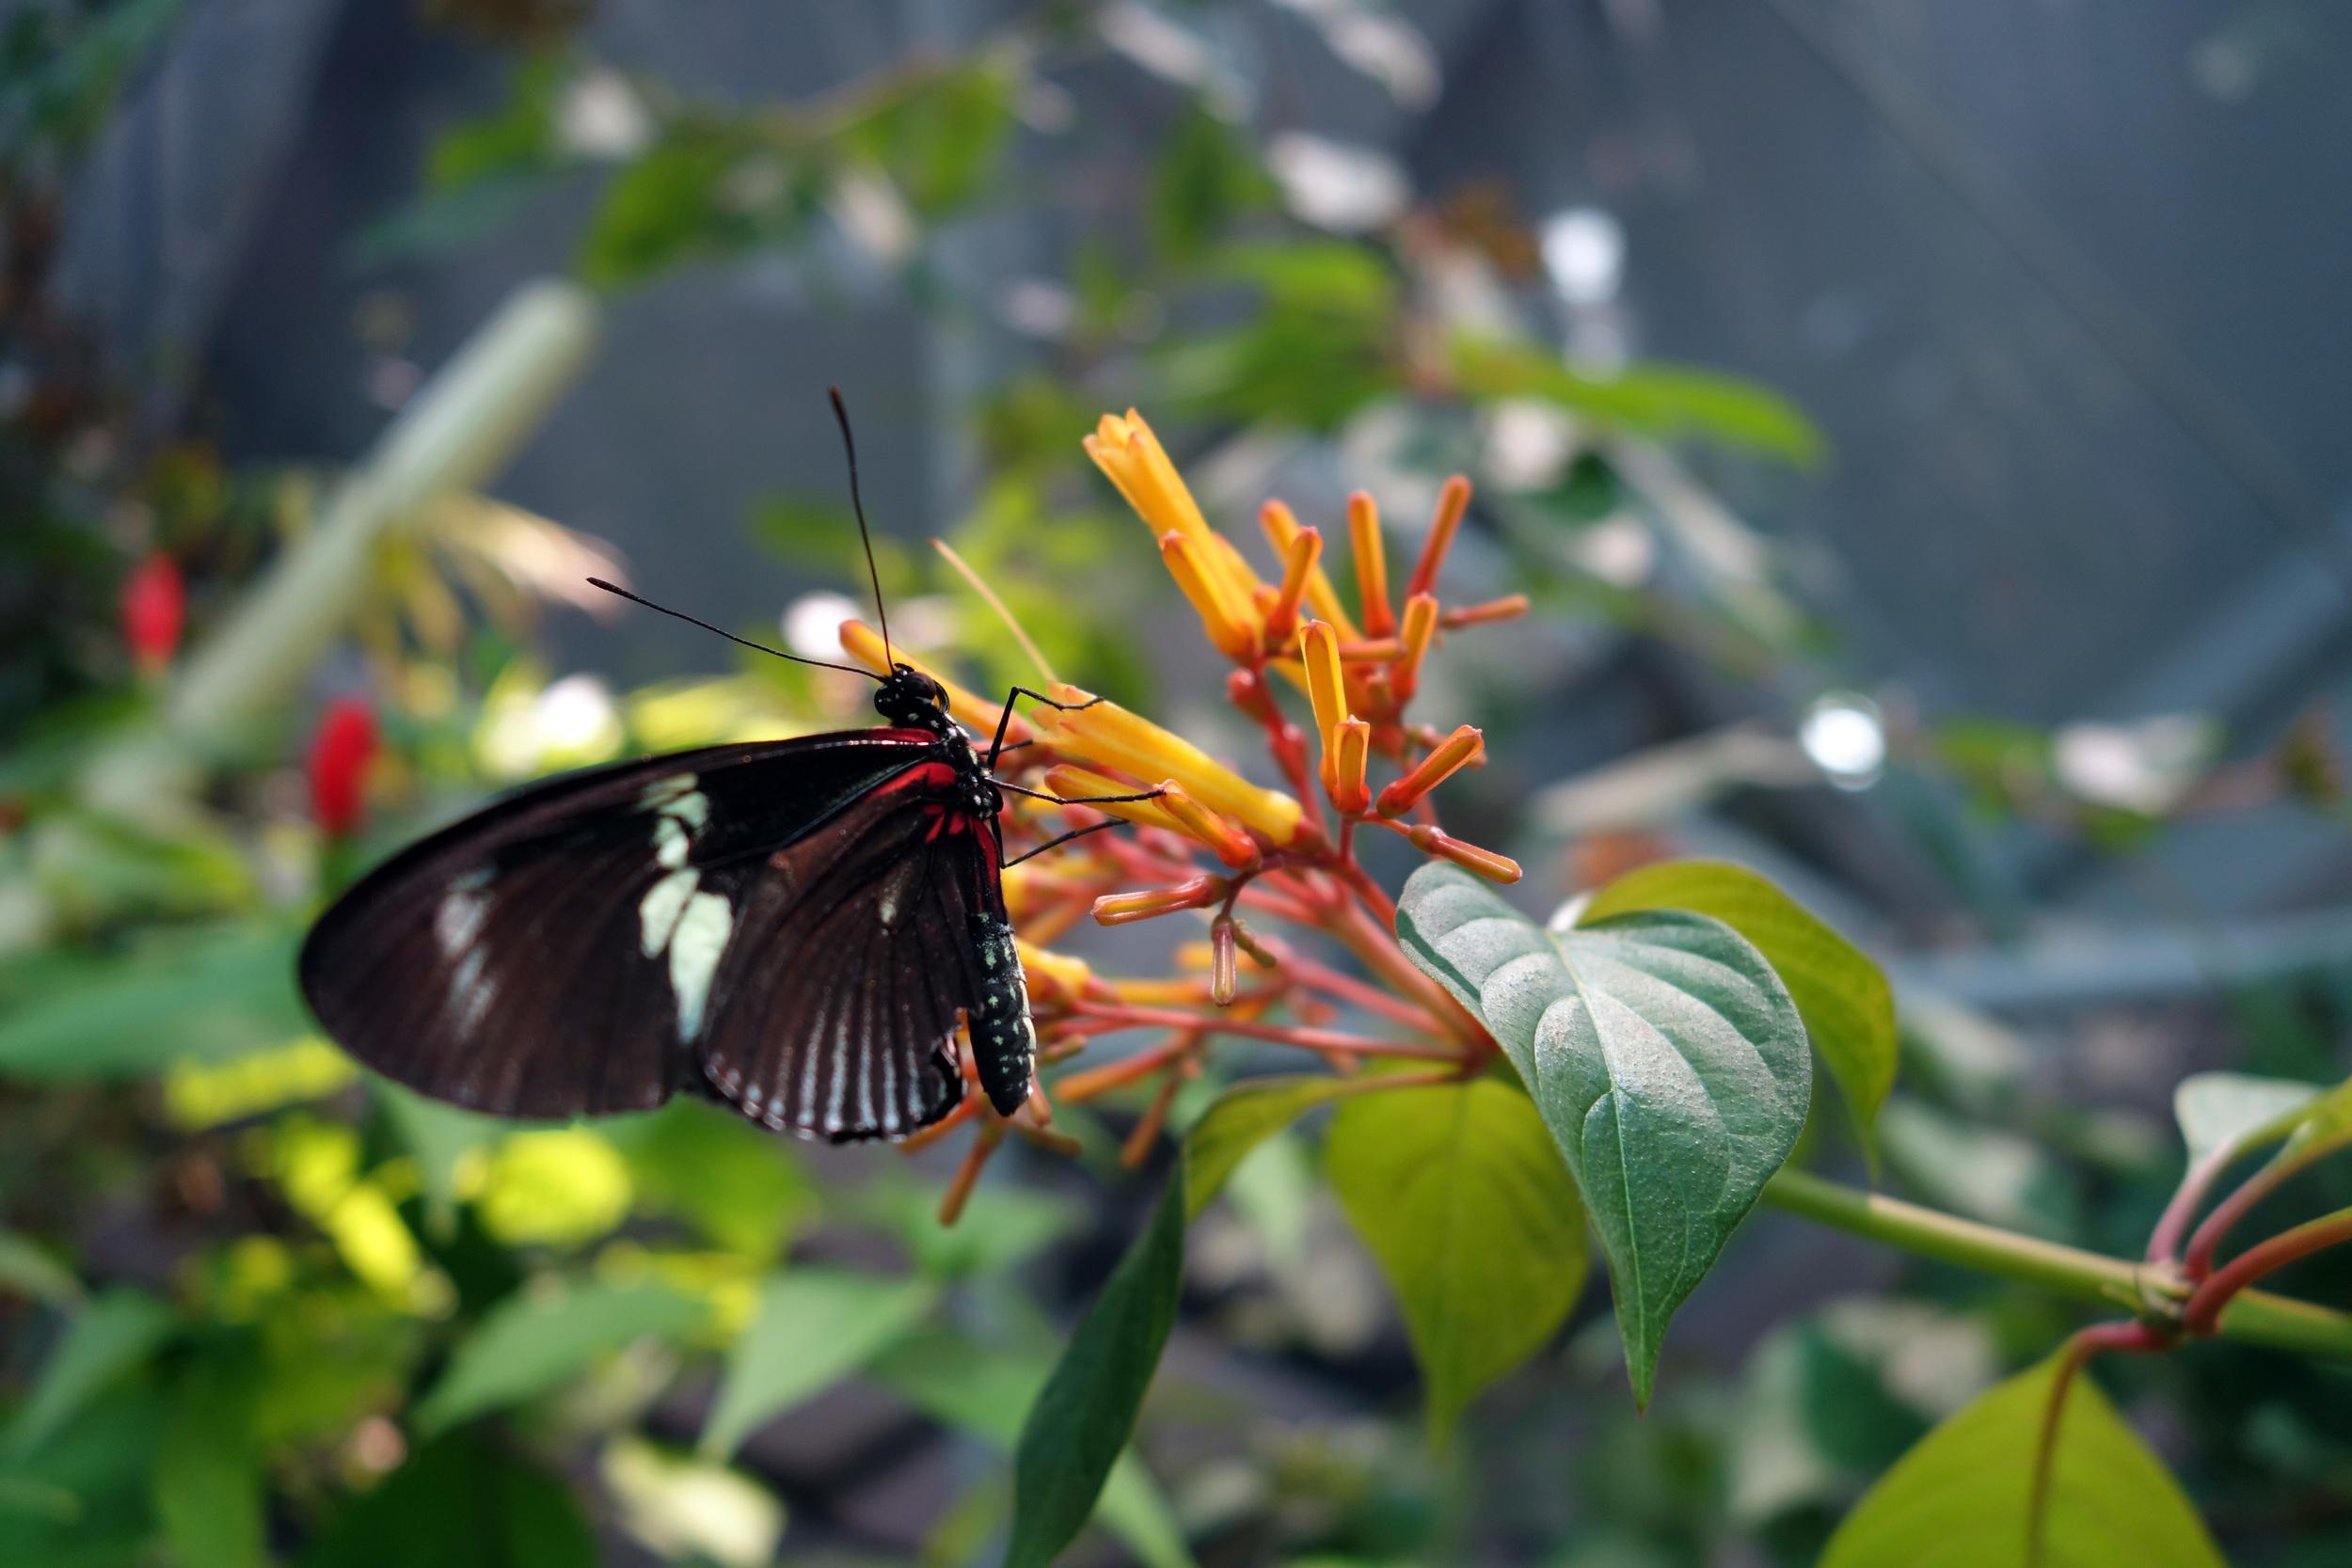 DSC00714 Close Up Butterfly Body.JPG